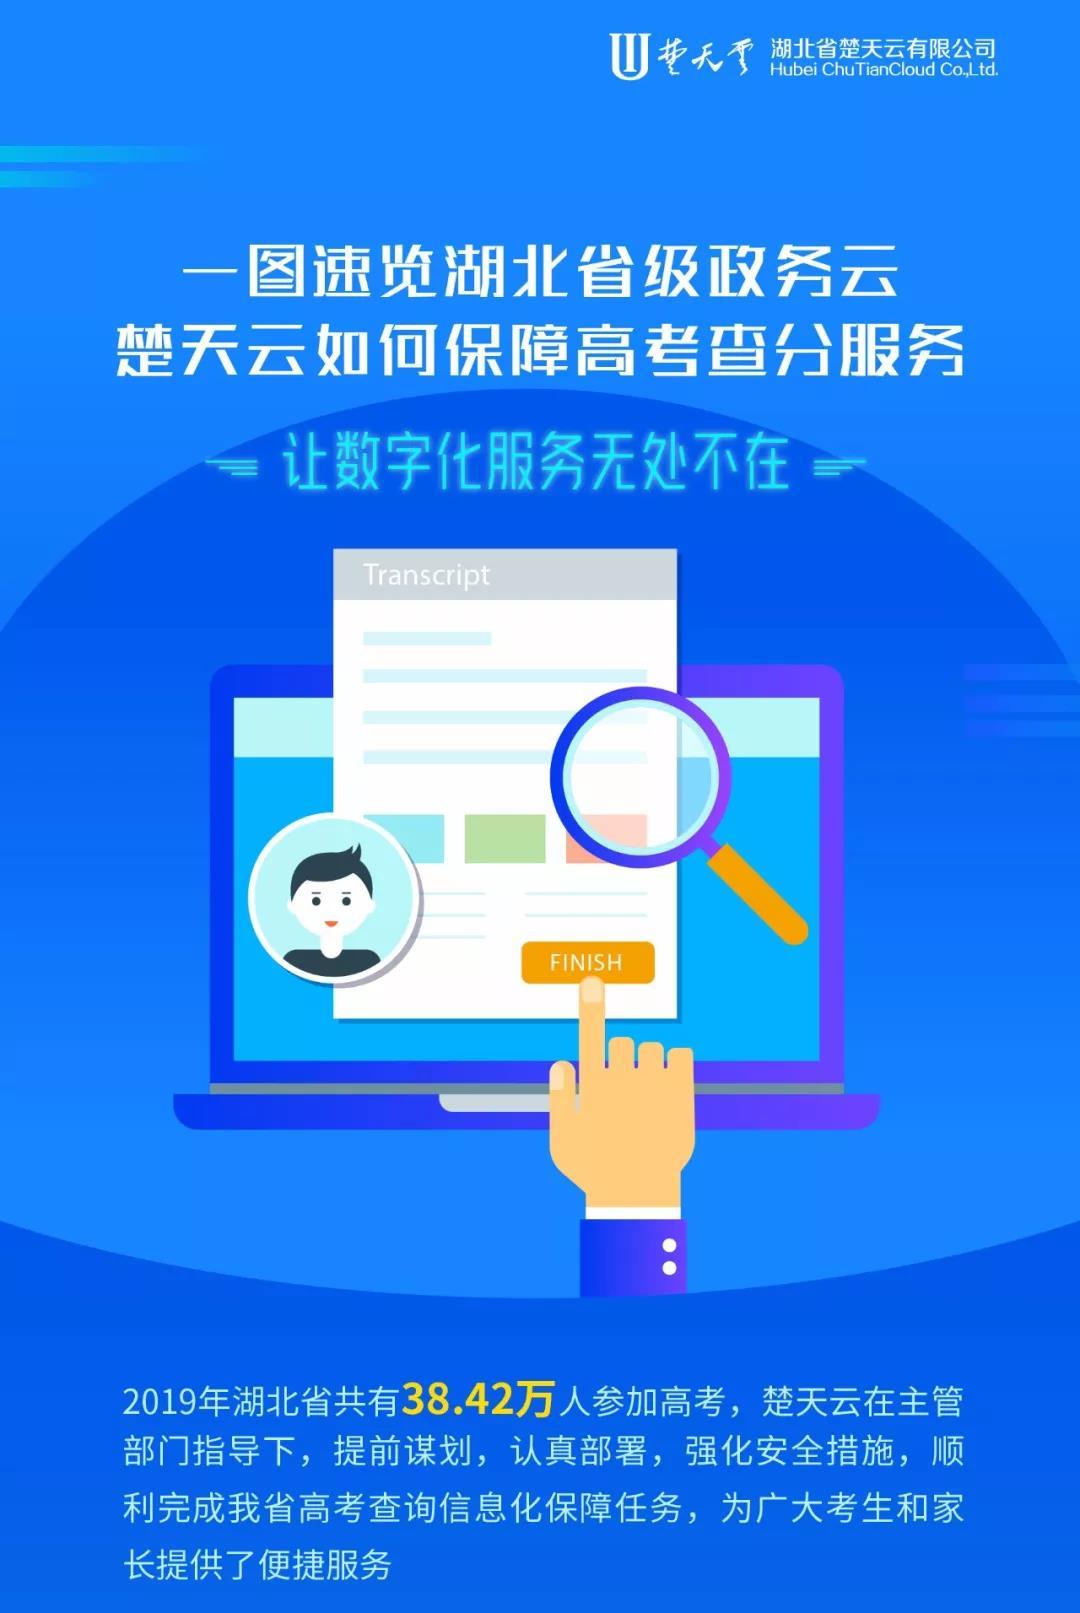 """""""让数字化服务无处不在"""" 楚天云保障高考查分服务"""